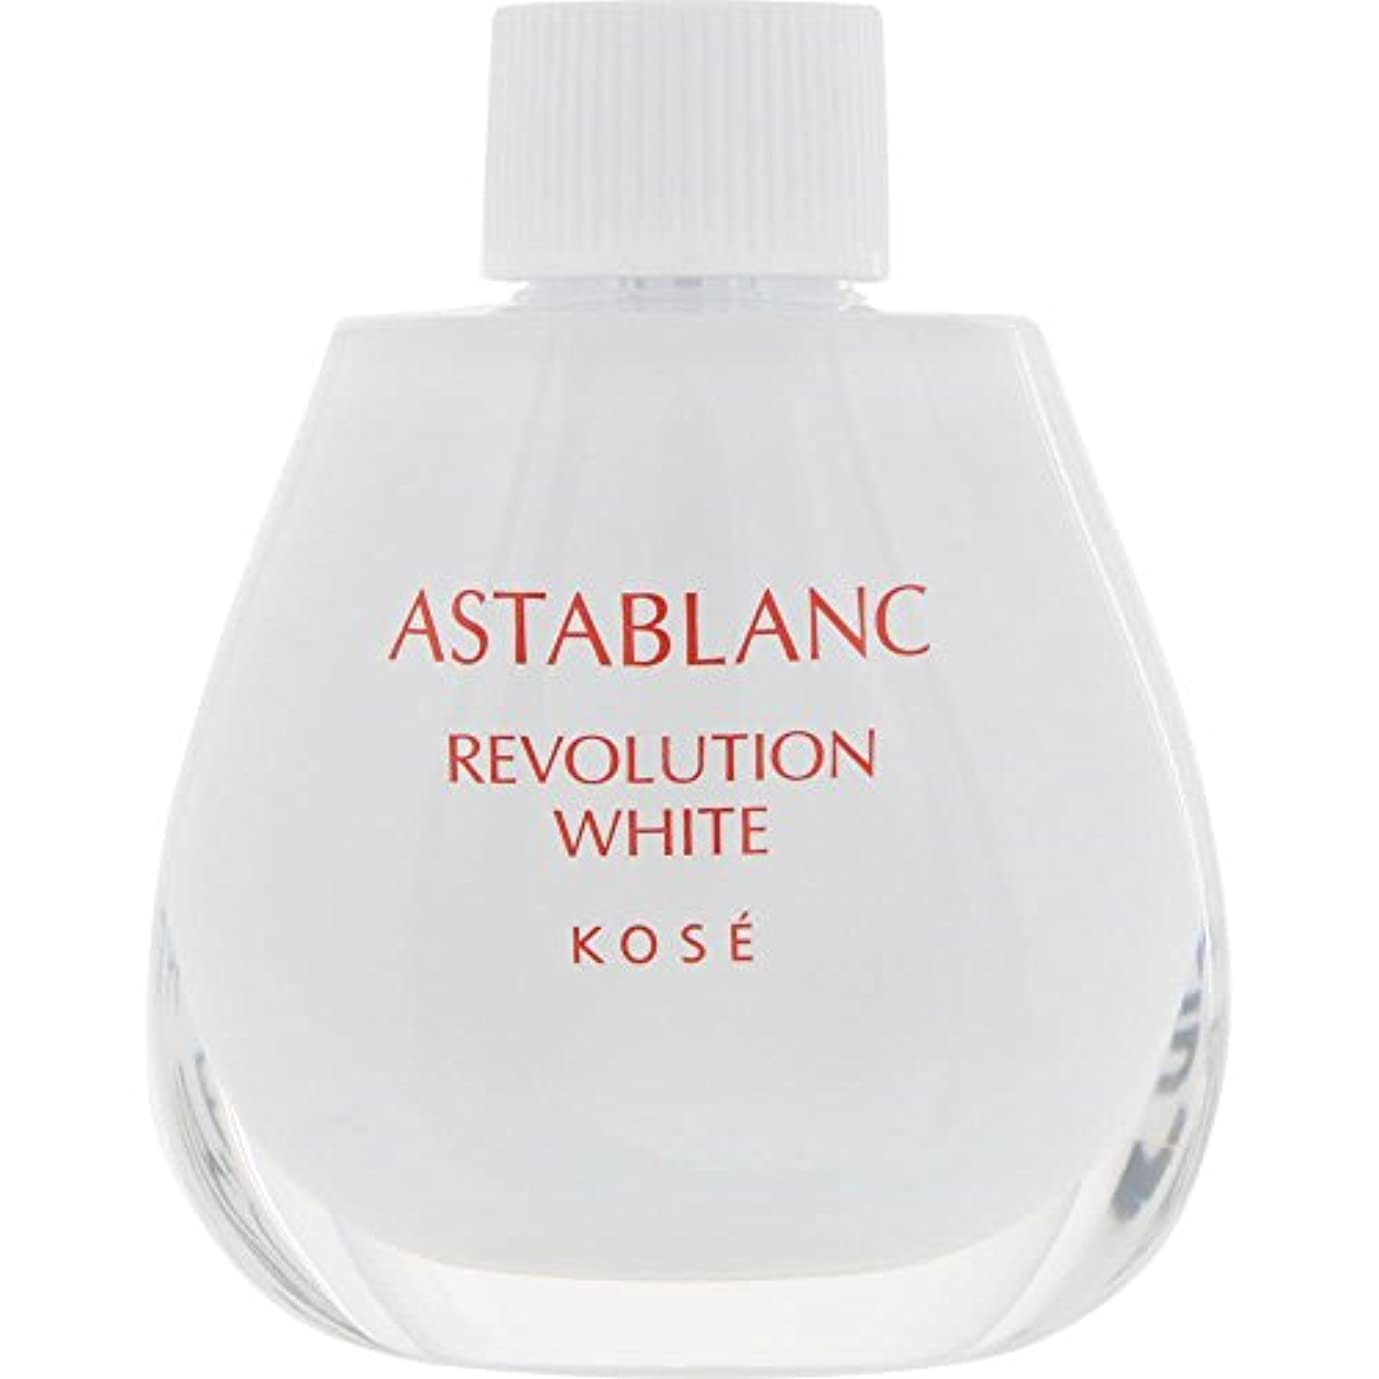 み説明するミント[医薬部外品] アスタブラン レボリューション ホワイト (付けかえ用) 30mL